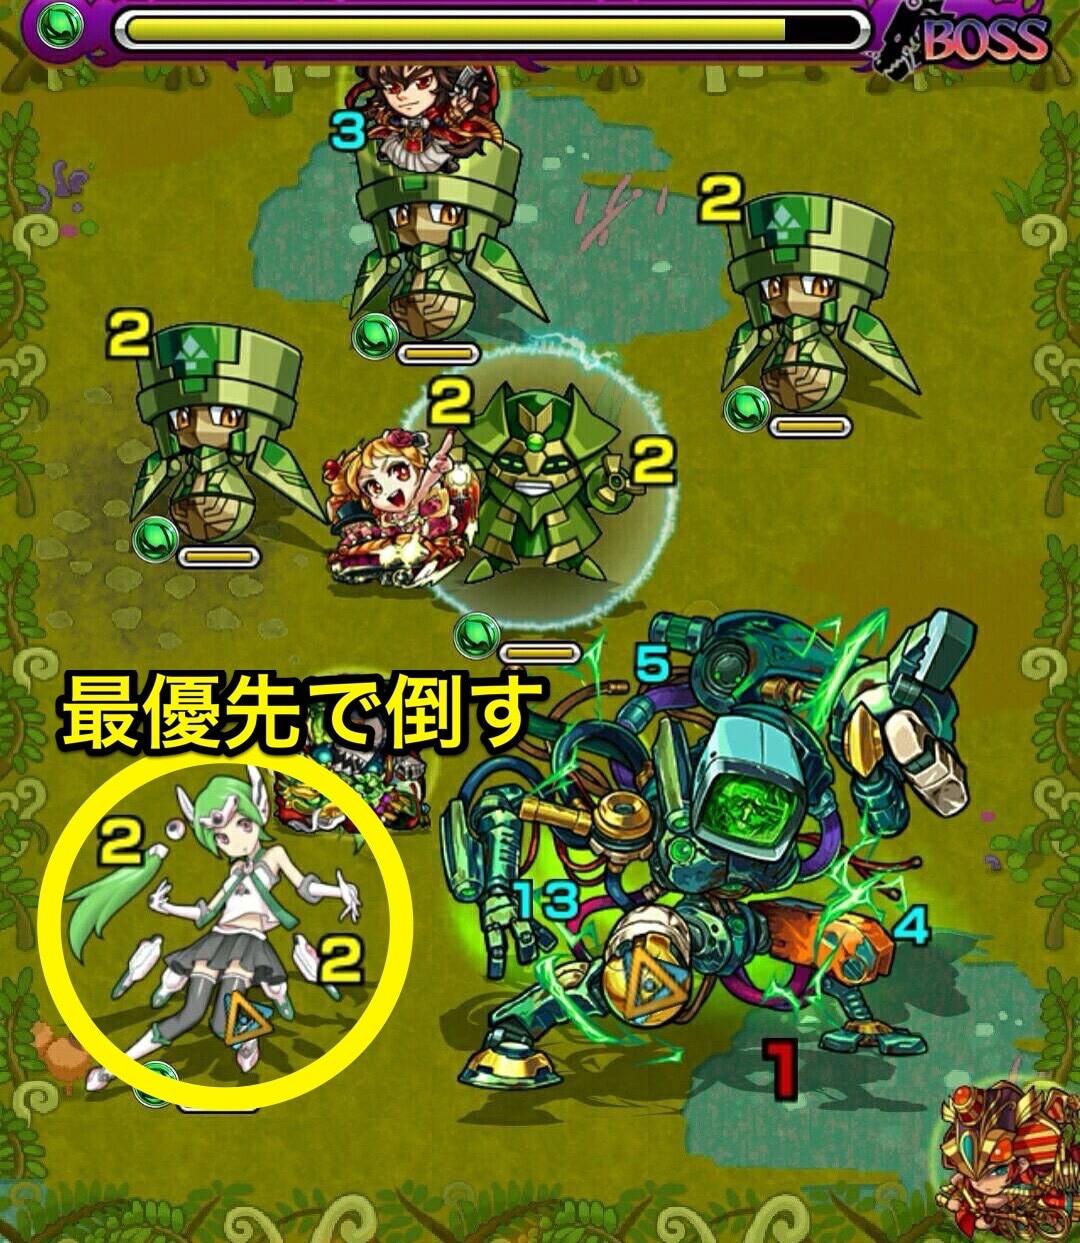 PC-G3 ボス3ステージ